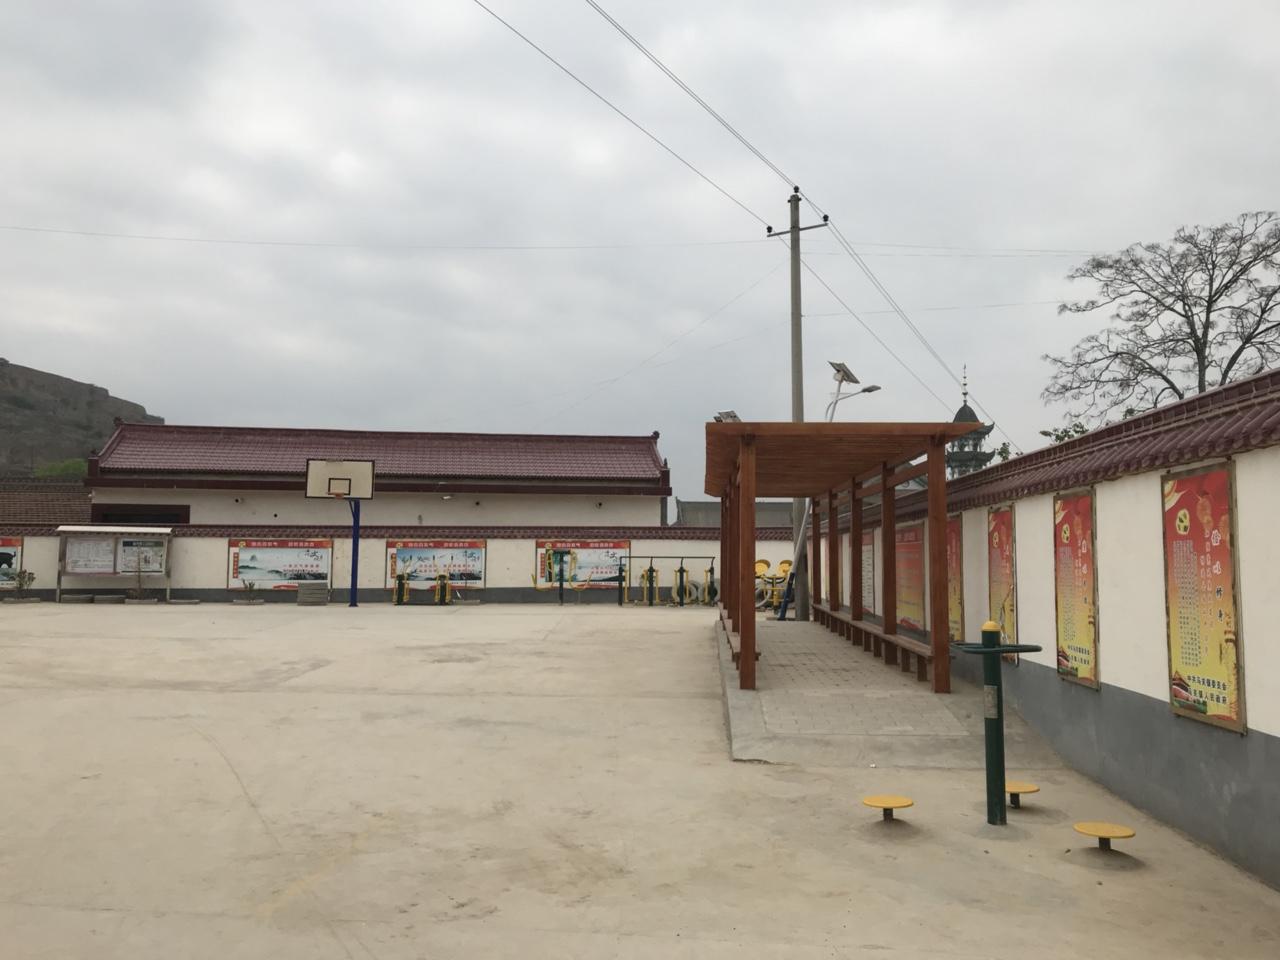 【文化惠民】马关镇综合文化服务中心群众休闲的好去处